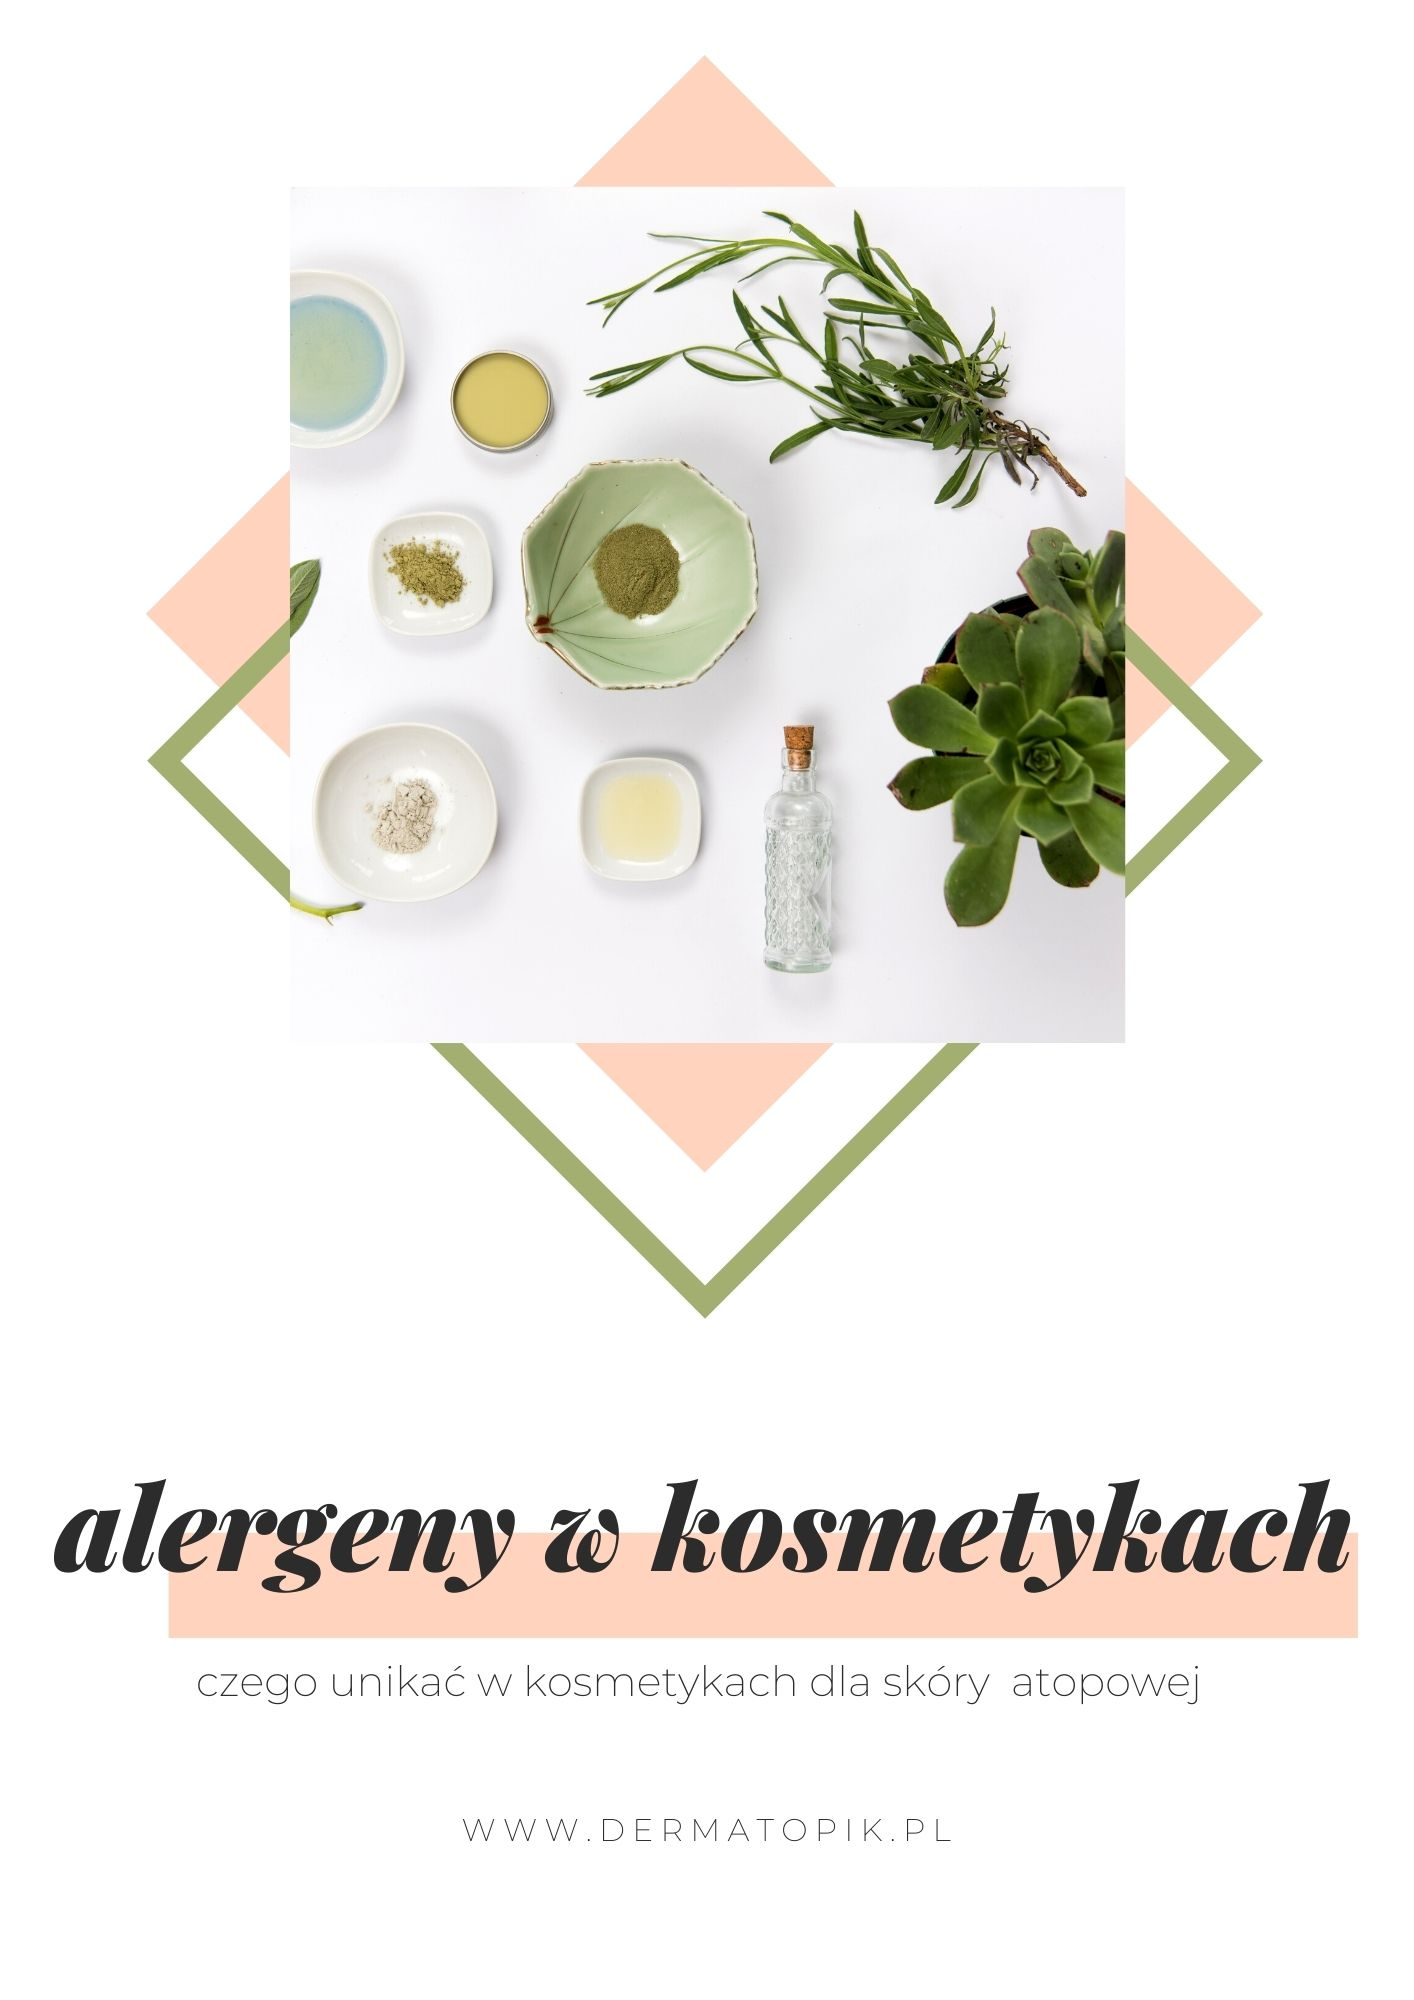 Dermatopik - blog o atopowym zapaleniu skóry, alergiach i skórze